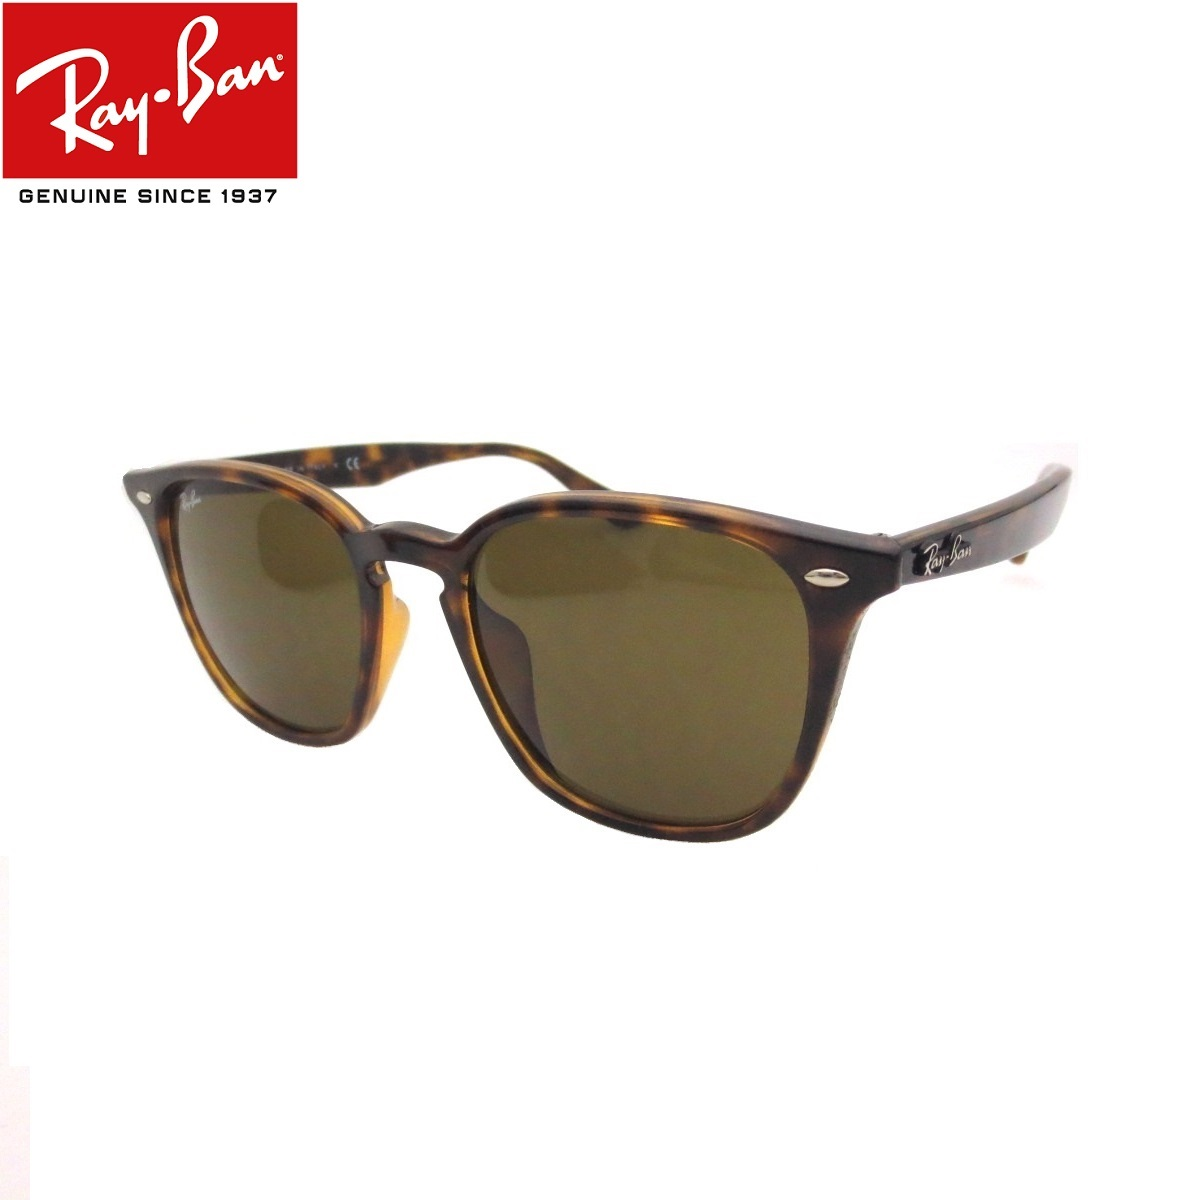 レイバン サングラス Ray-Ban スクエアウェリントン 軽量サングラスRB4258F 710/73(52)【あす楽対応】【ミラリジャパンメーカー保証書付】